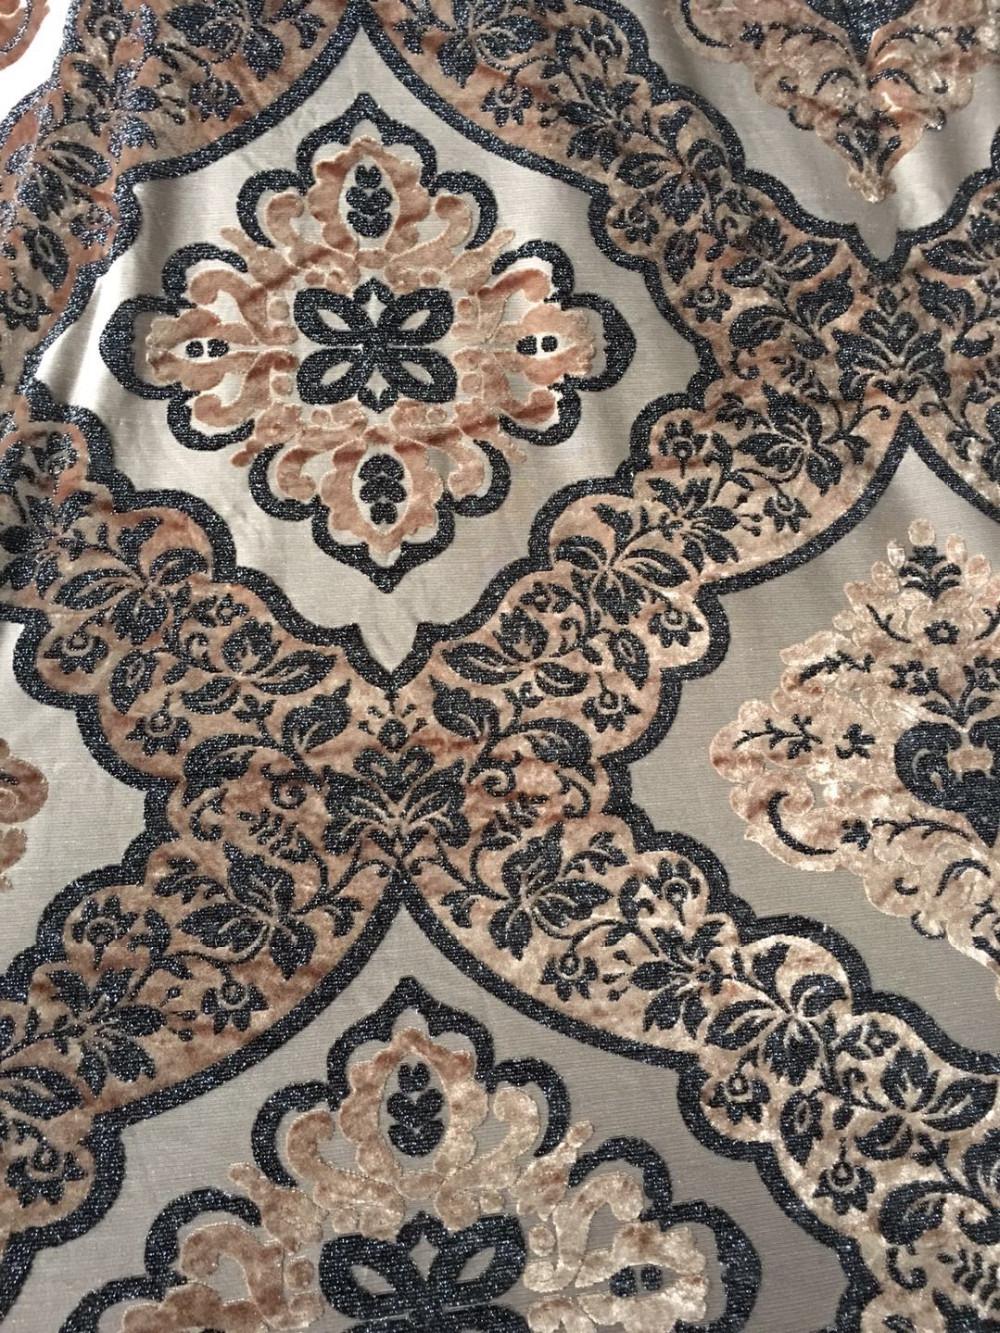 Tissus de luxe pour salon marocain-Tissu tricoté-ID de  produit:500007062128-french.alibaba.com